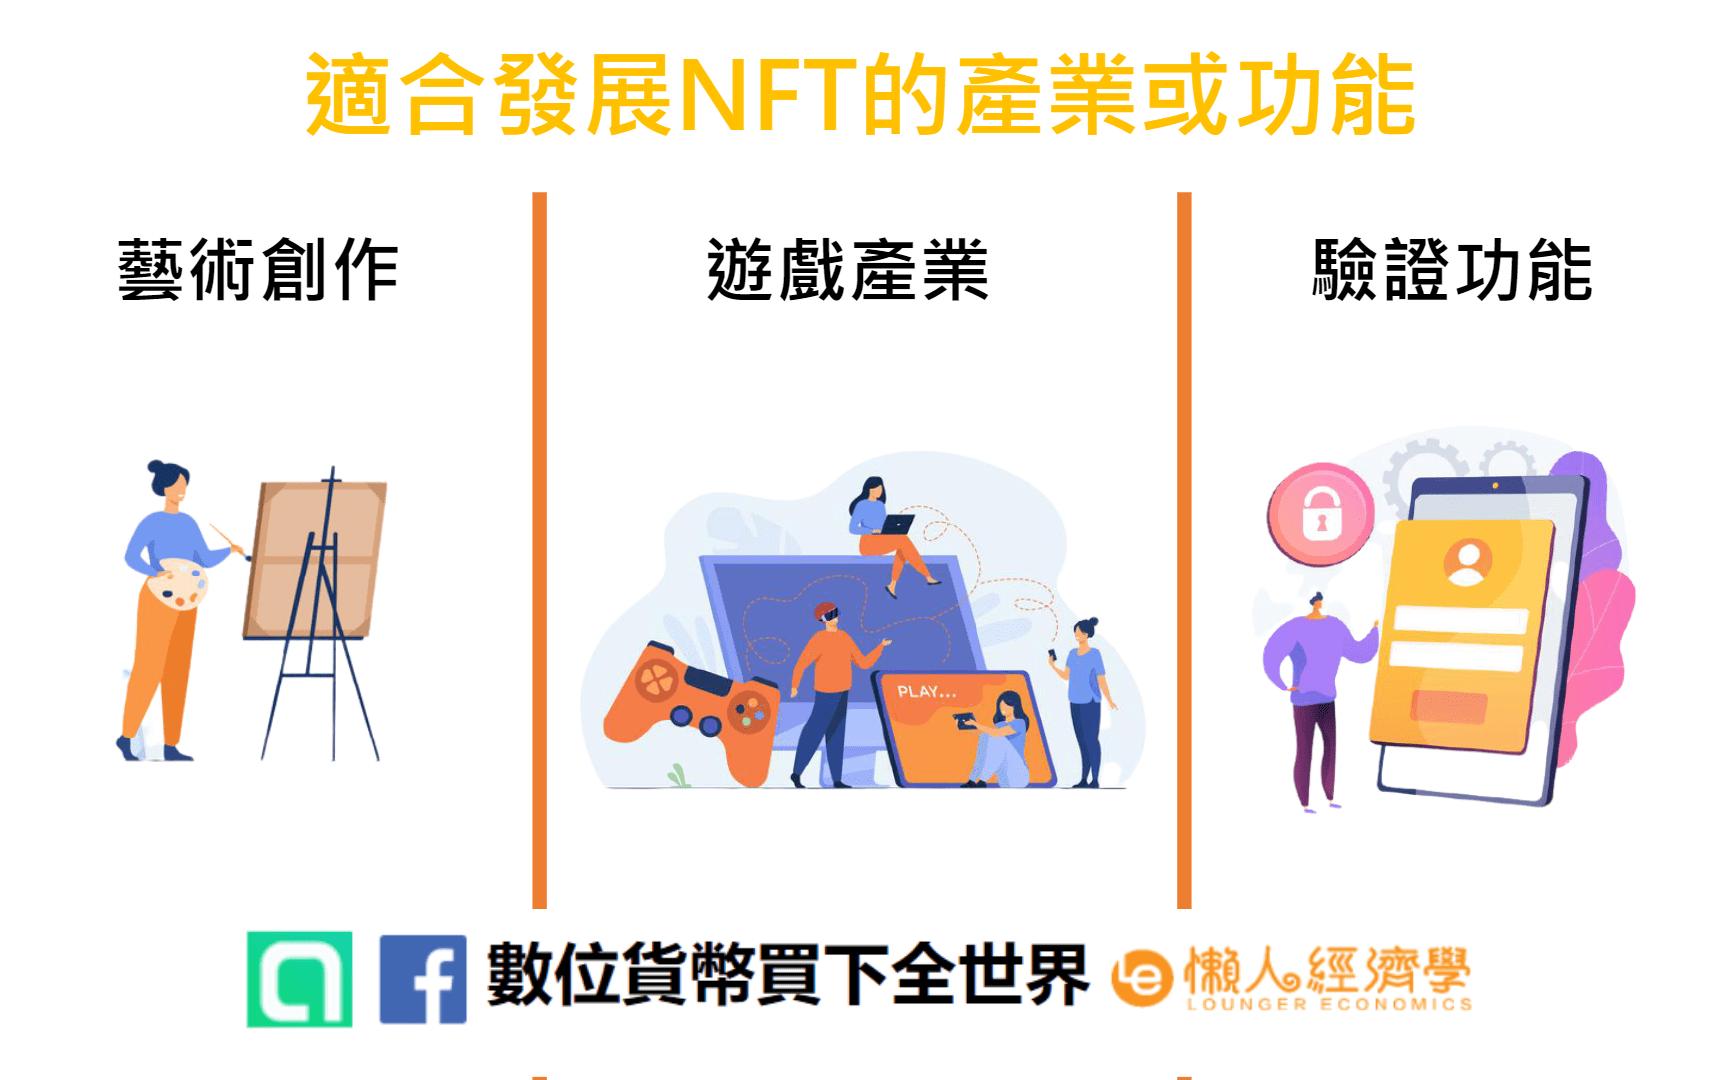 NFT非同質化代幣在現實世界中適合發展的產業或功能,這裡列舉三種為藝術創作、遊戲產業、驗證功能等